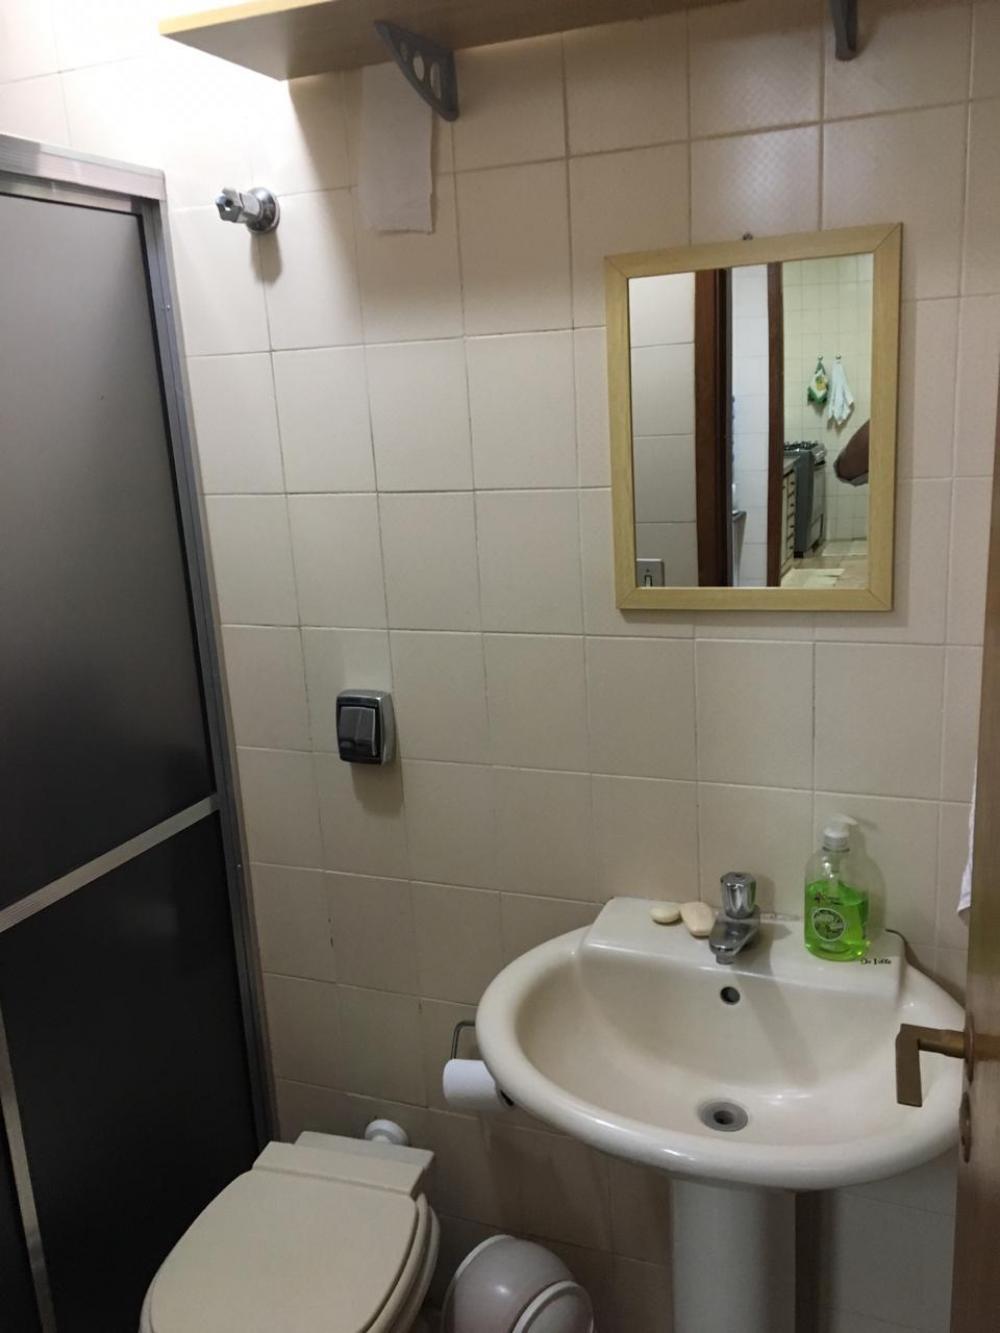 Comprar Apartamento / Padrão em SAO JOSE DO RIO PRETO apenas R$ 400.000,00 - Foto 11